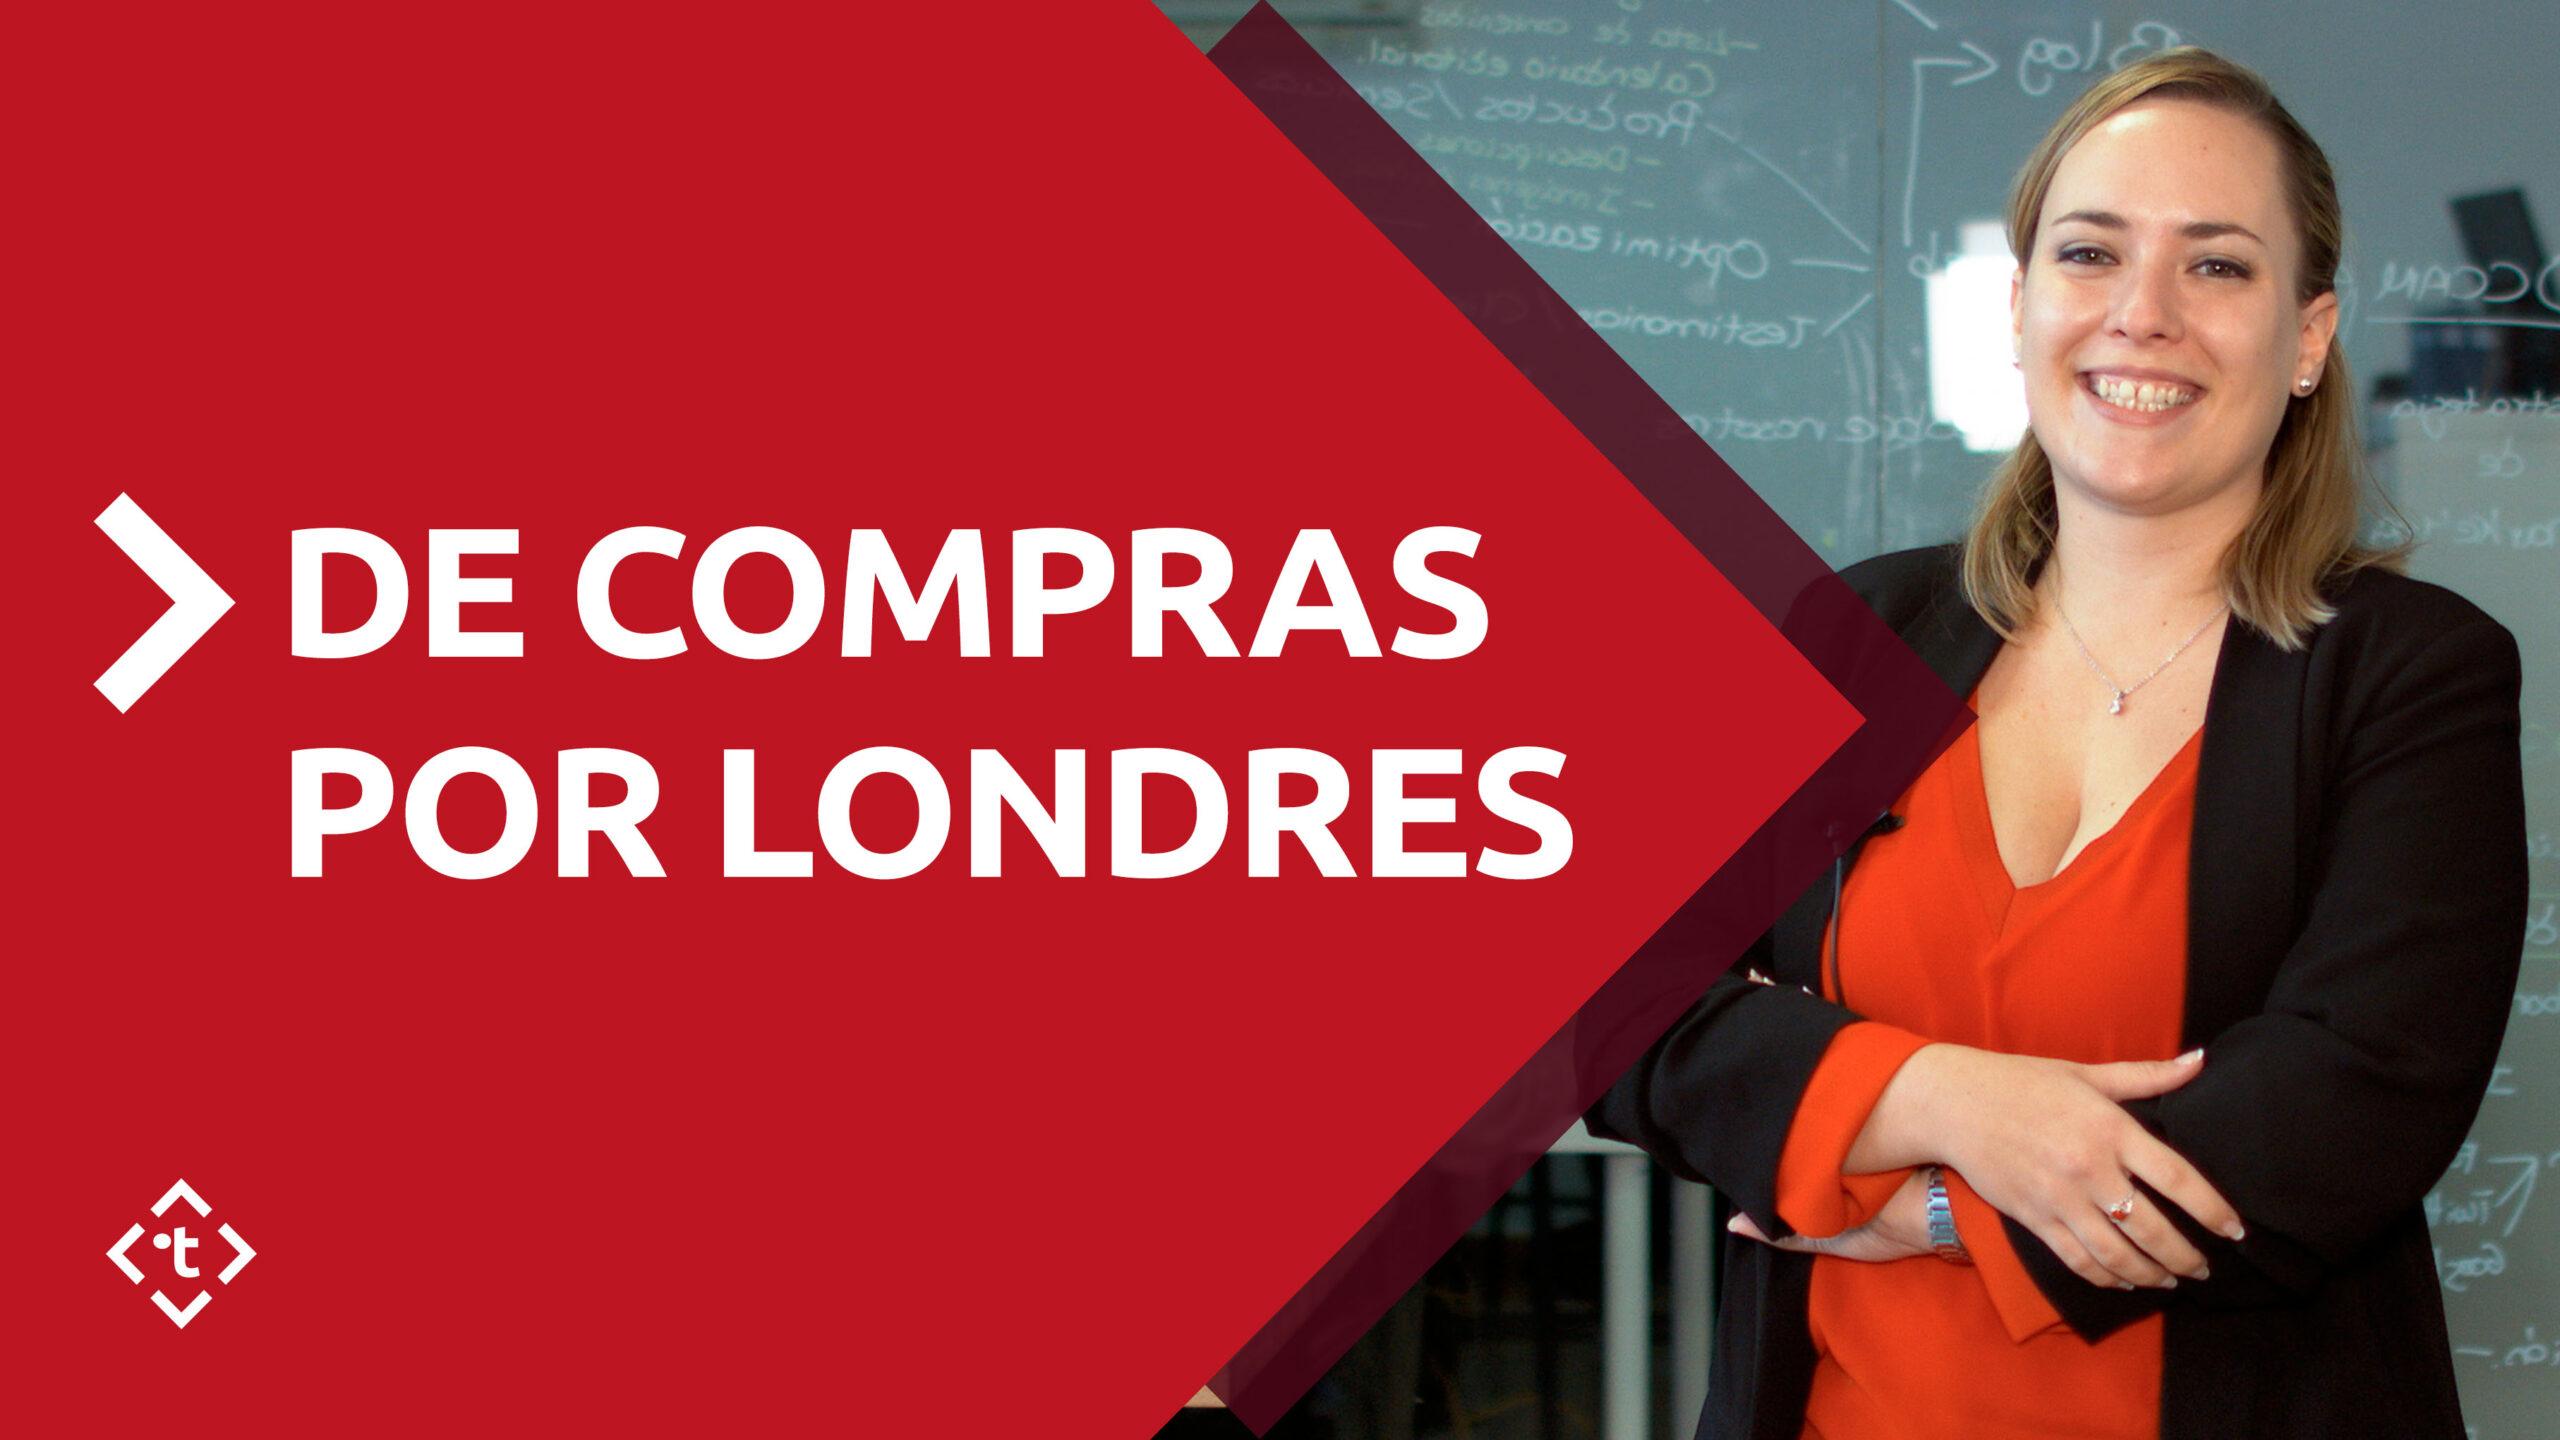 IDE COMPRAS POR LONDRES